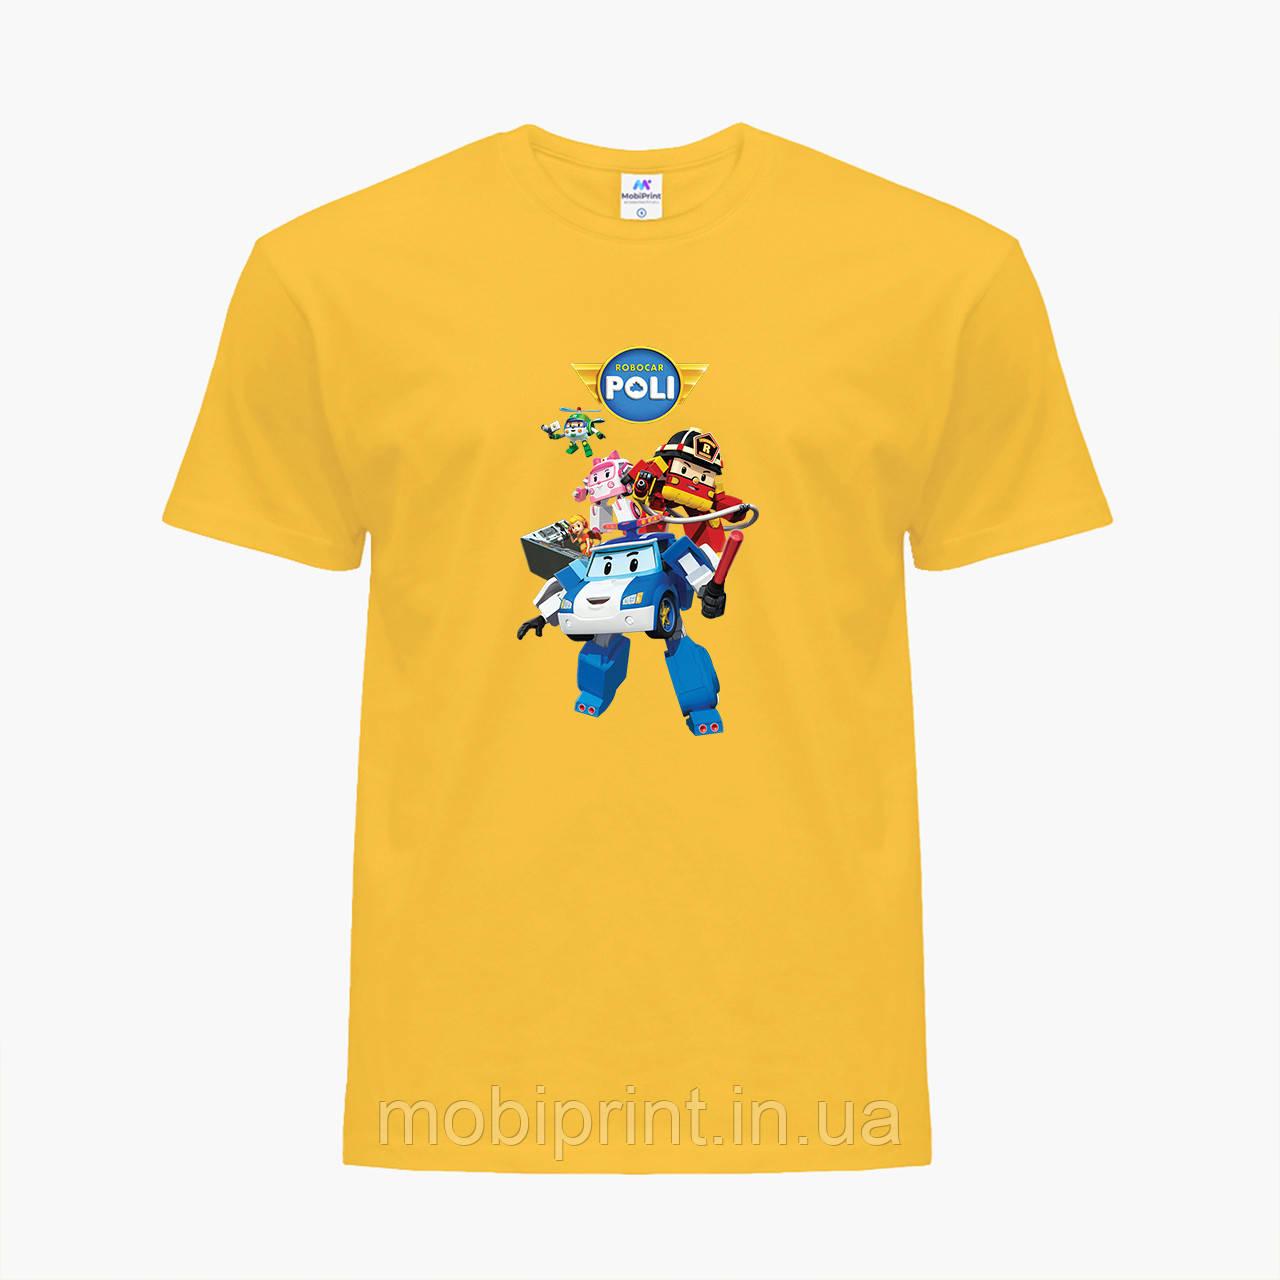 Детская футболка для девочек Робокар Поли (Robocar Poli) (25186-1619) Желтый